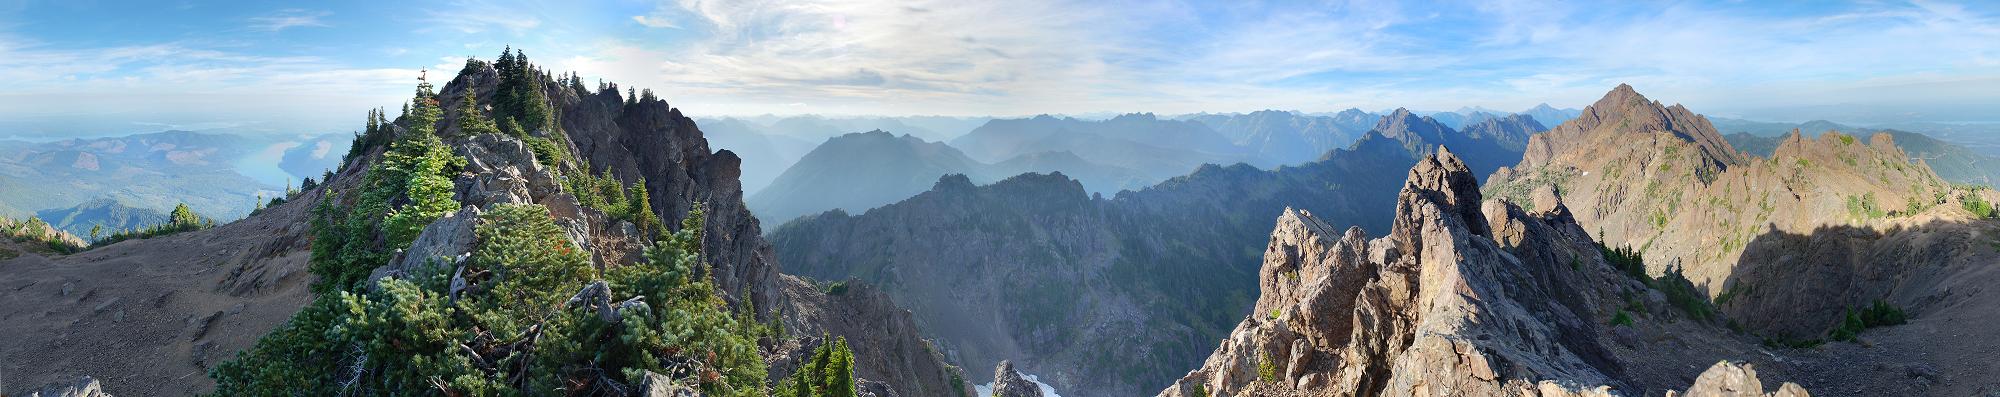 Mount_Ellinor,_Mount_Washington_Panorama2